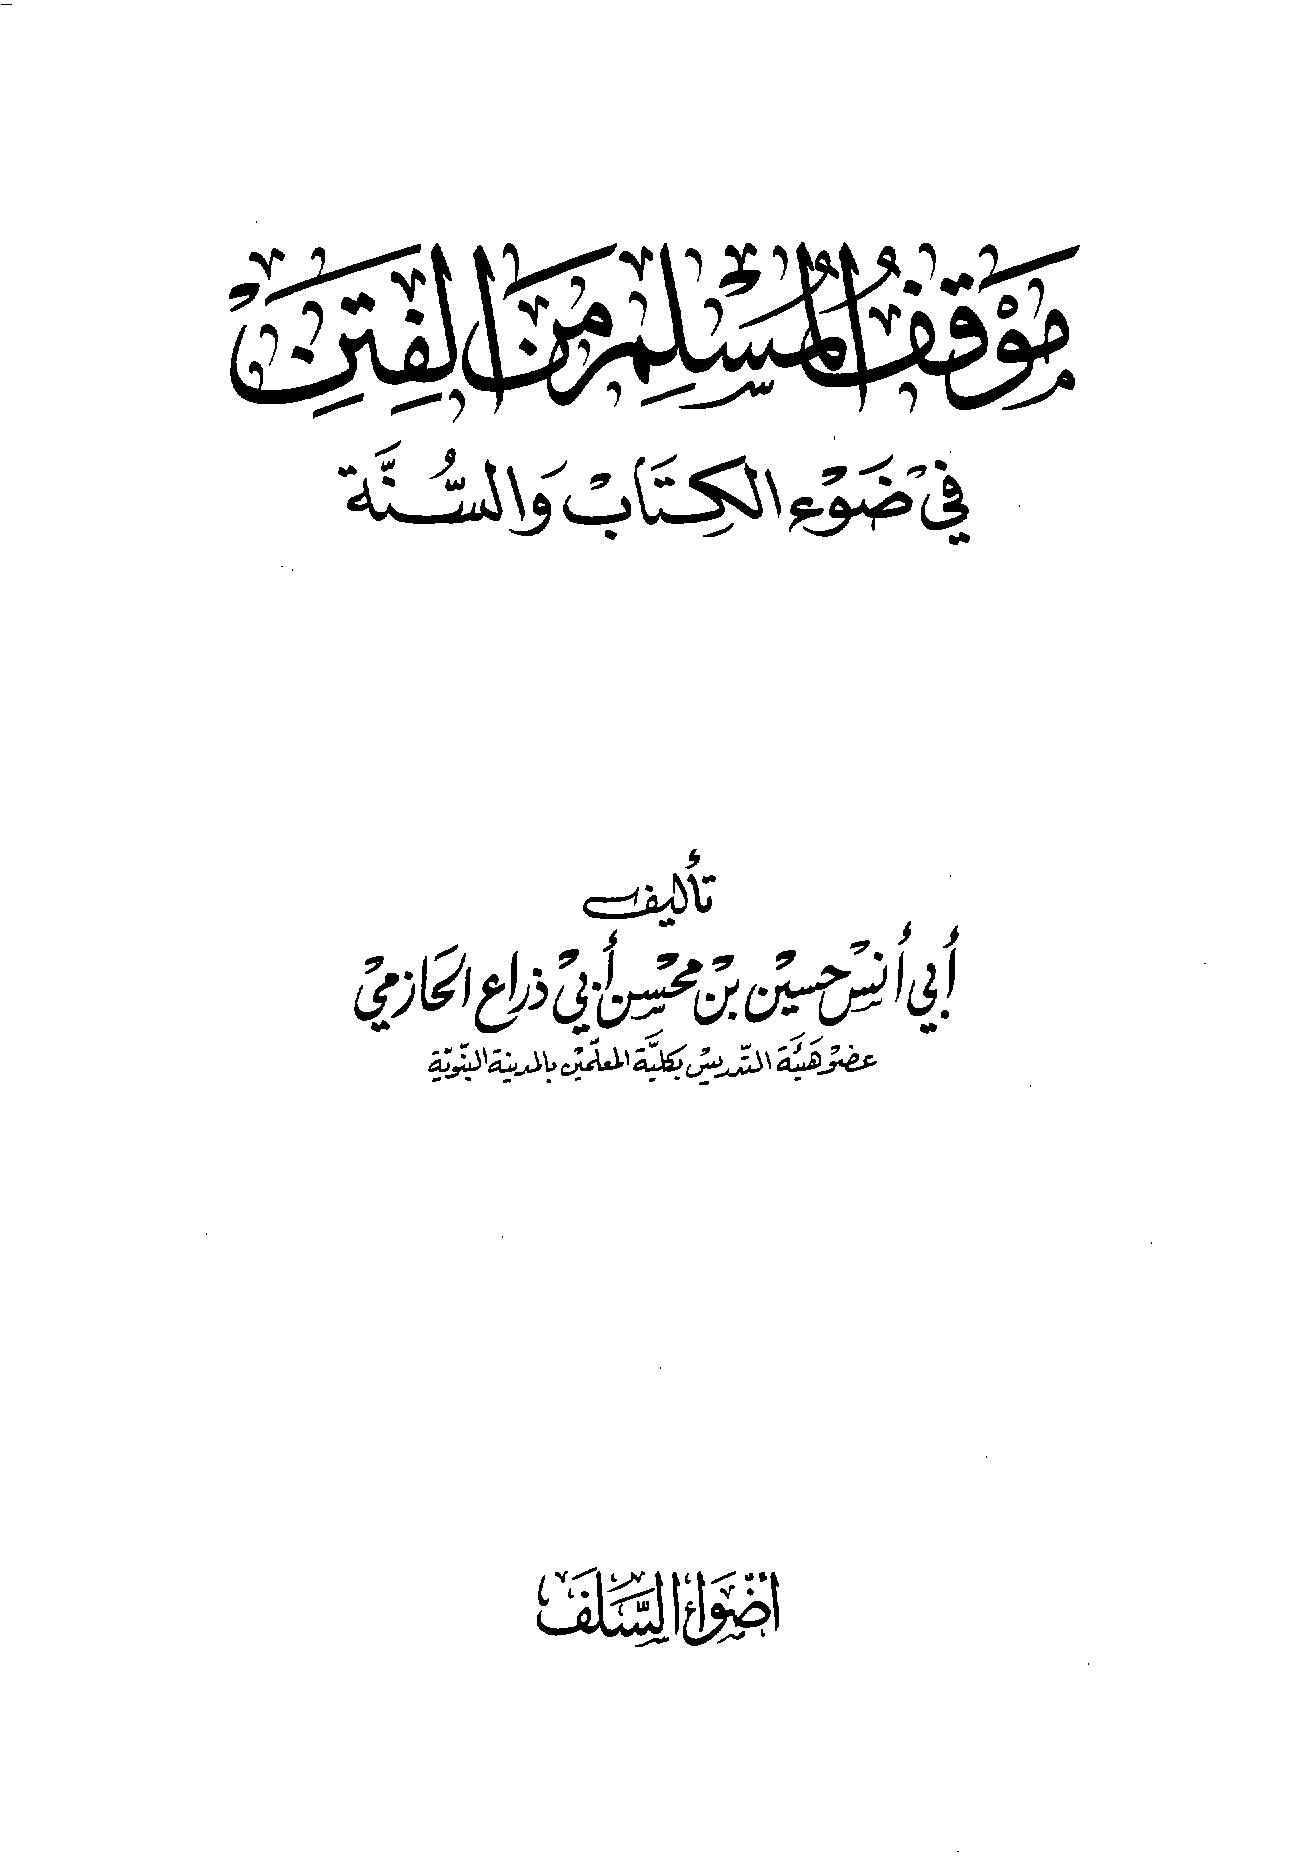 تحميل كتاب موقف المسلم من الفتن في ضوء الكتاب والسنة لـِ: الدكتور حسين بن محسن عبد الإله أبو ذراع الحازمي